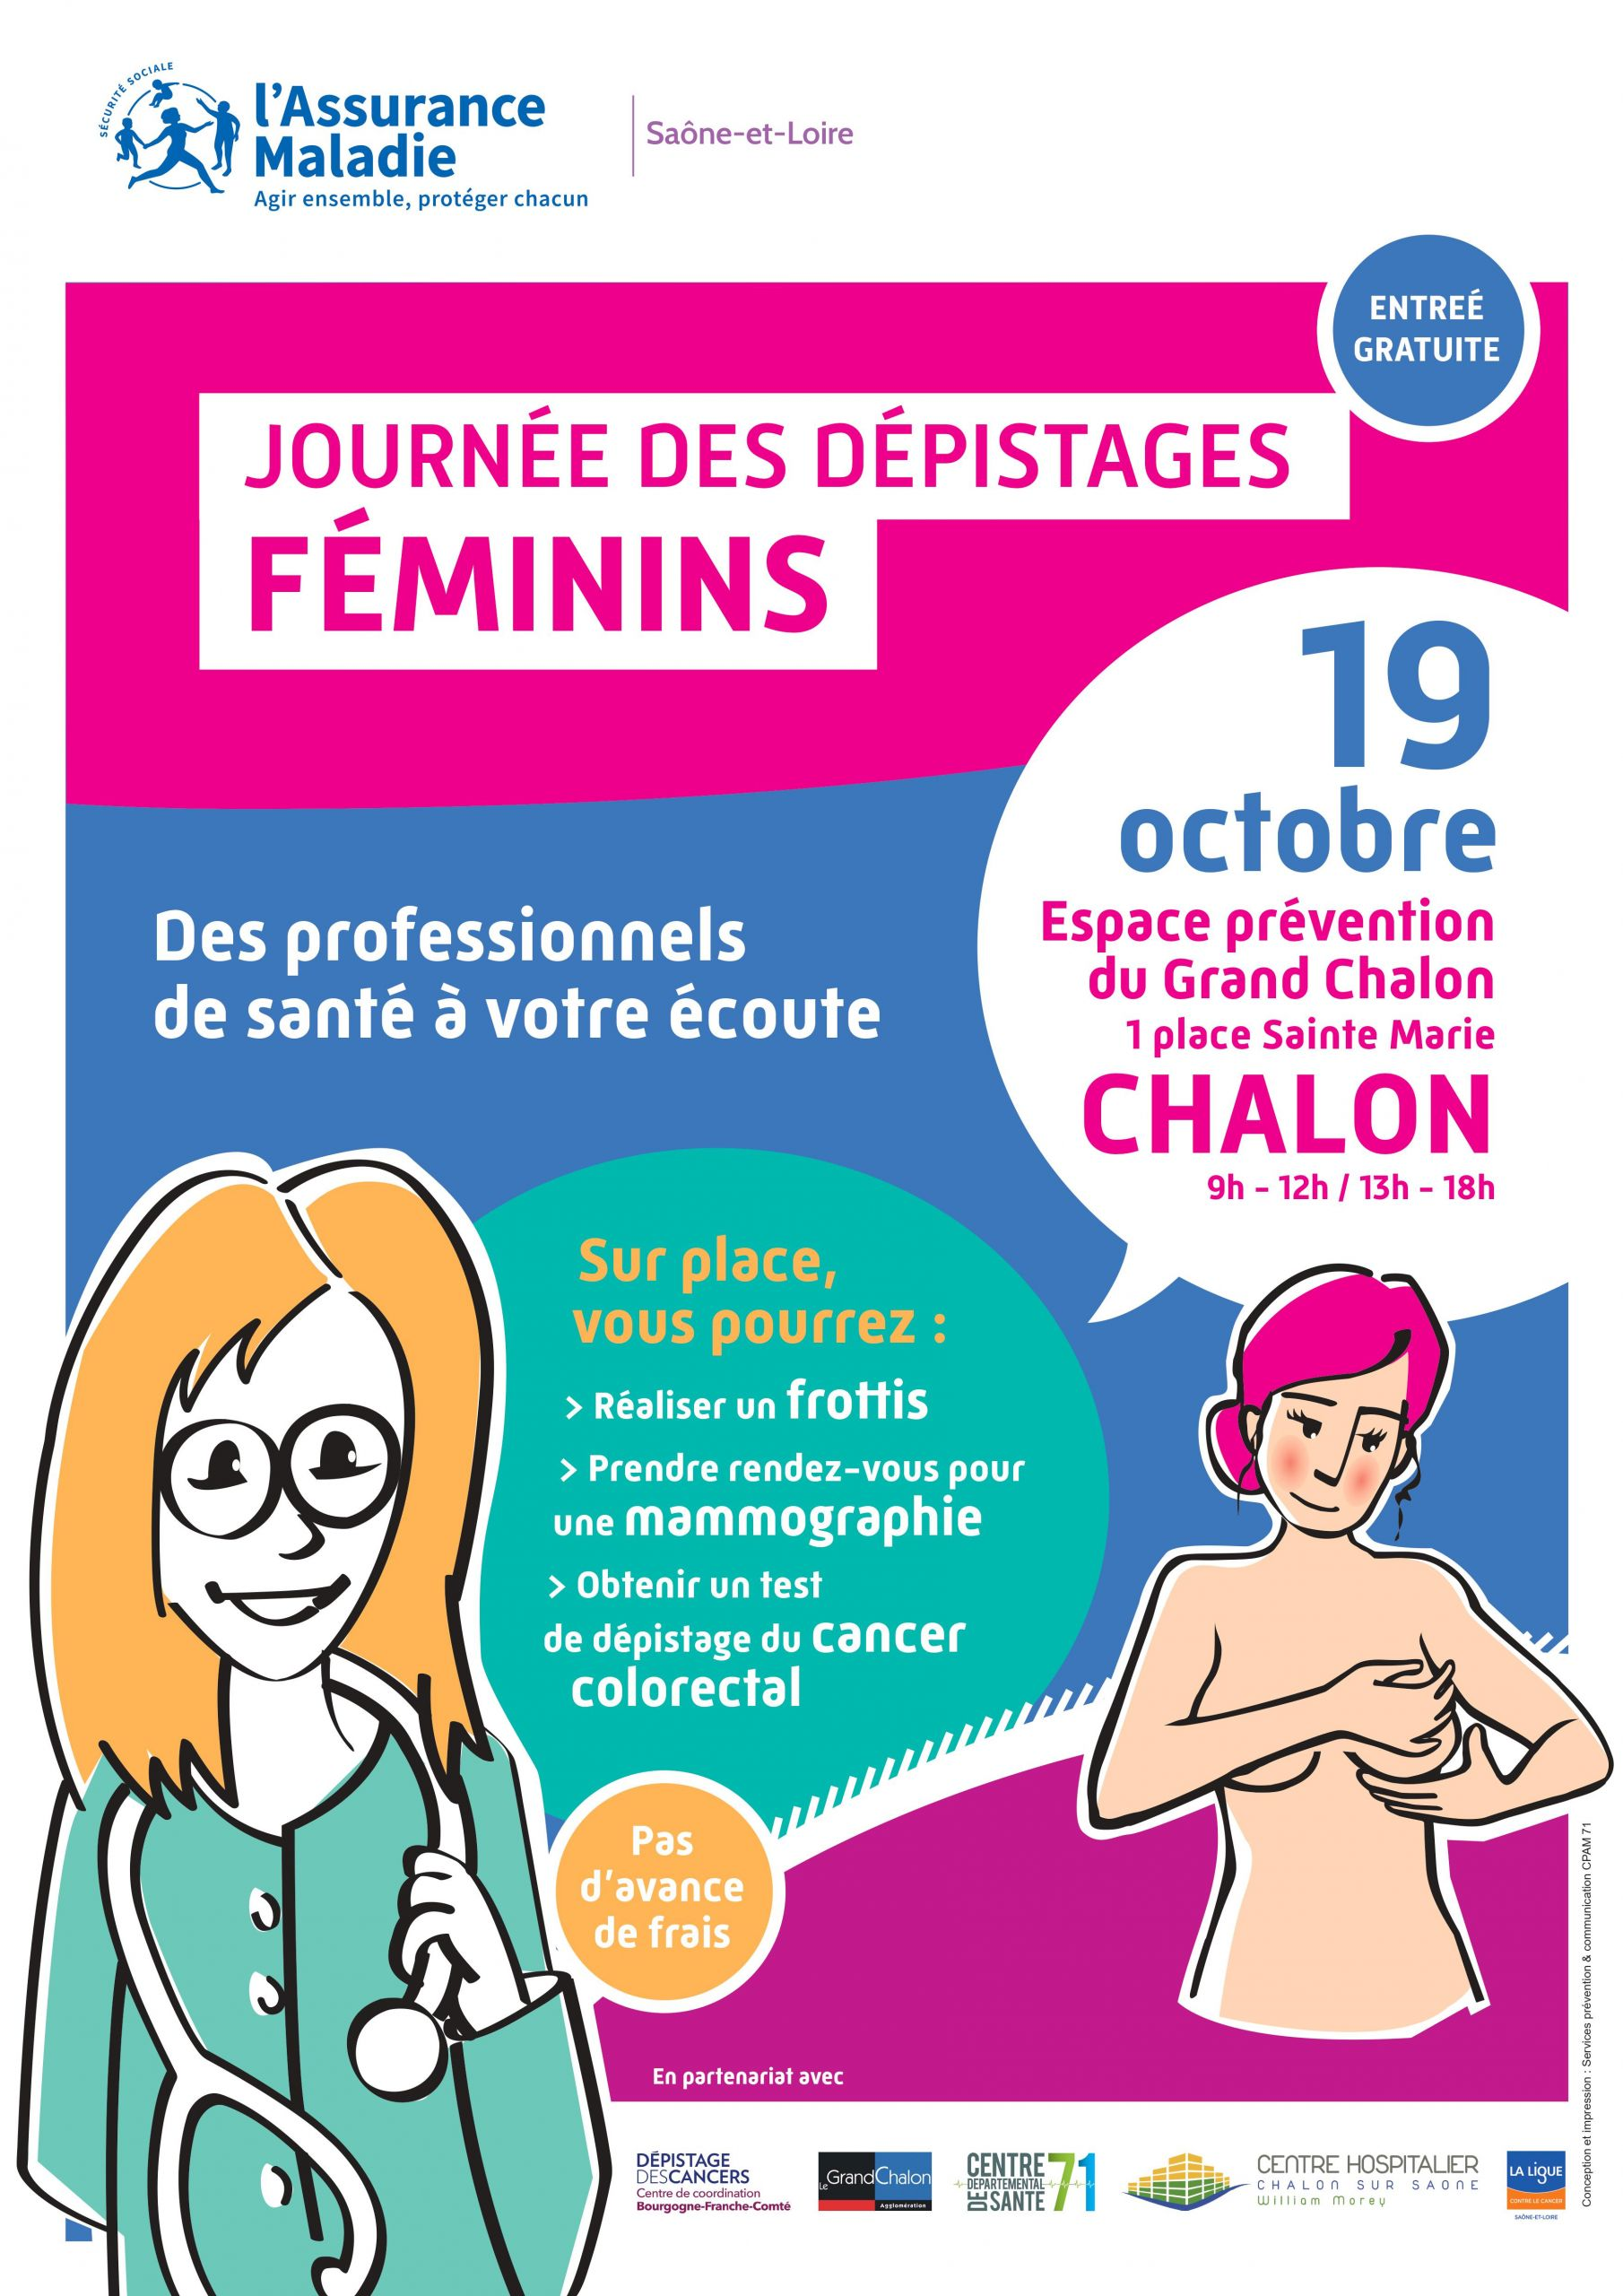 Journée des dépistages féminins